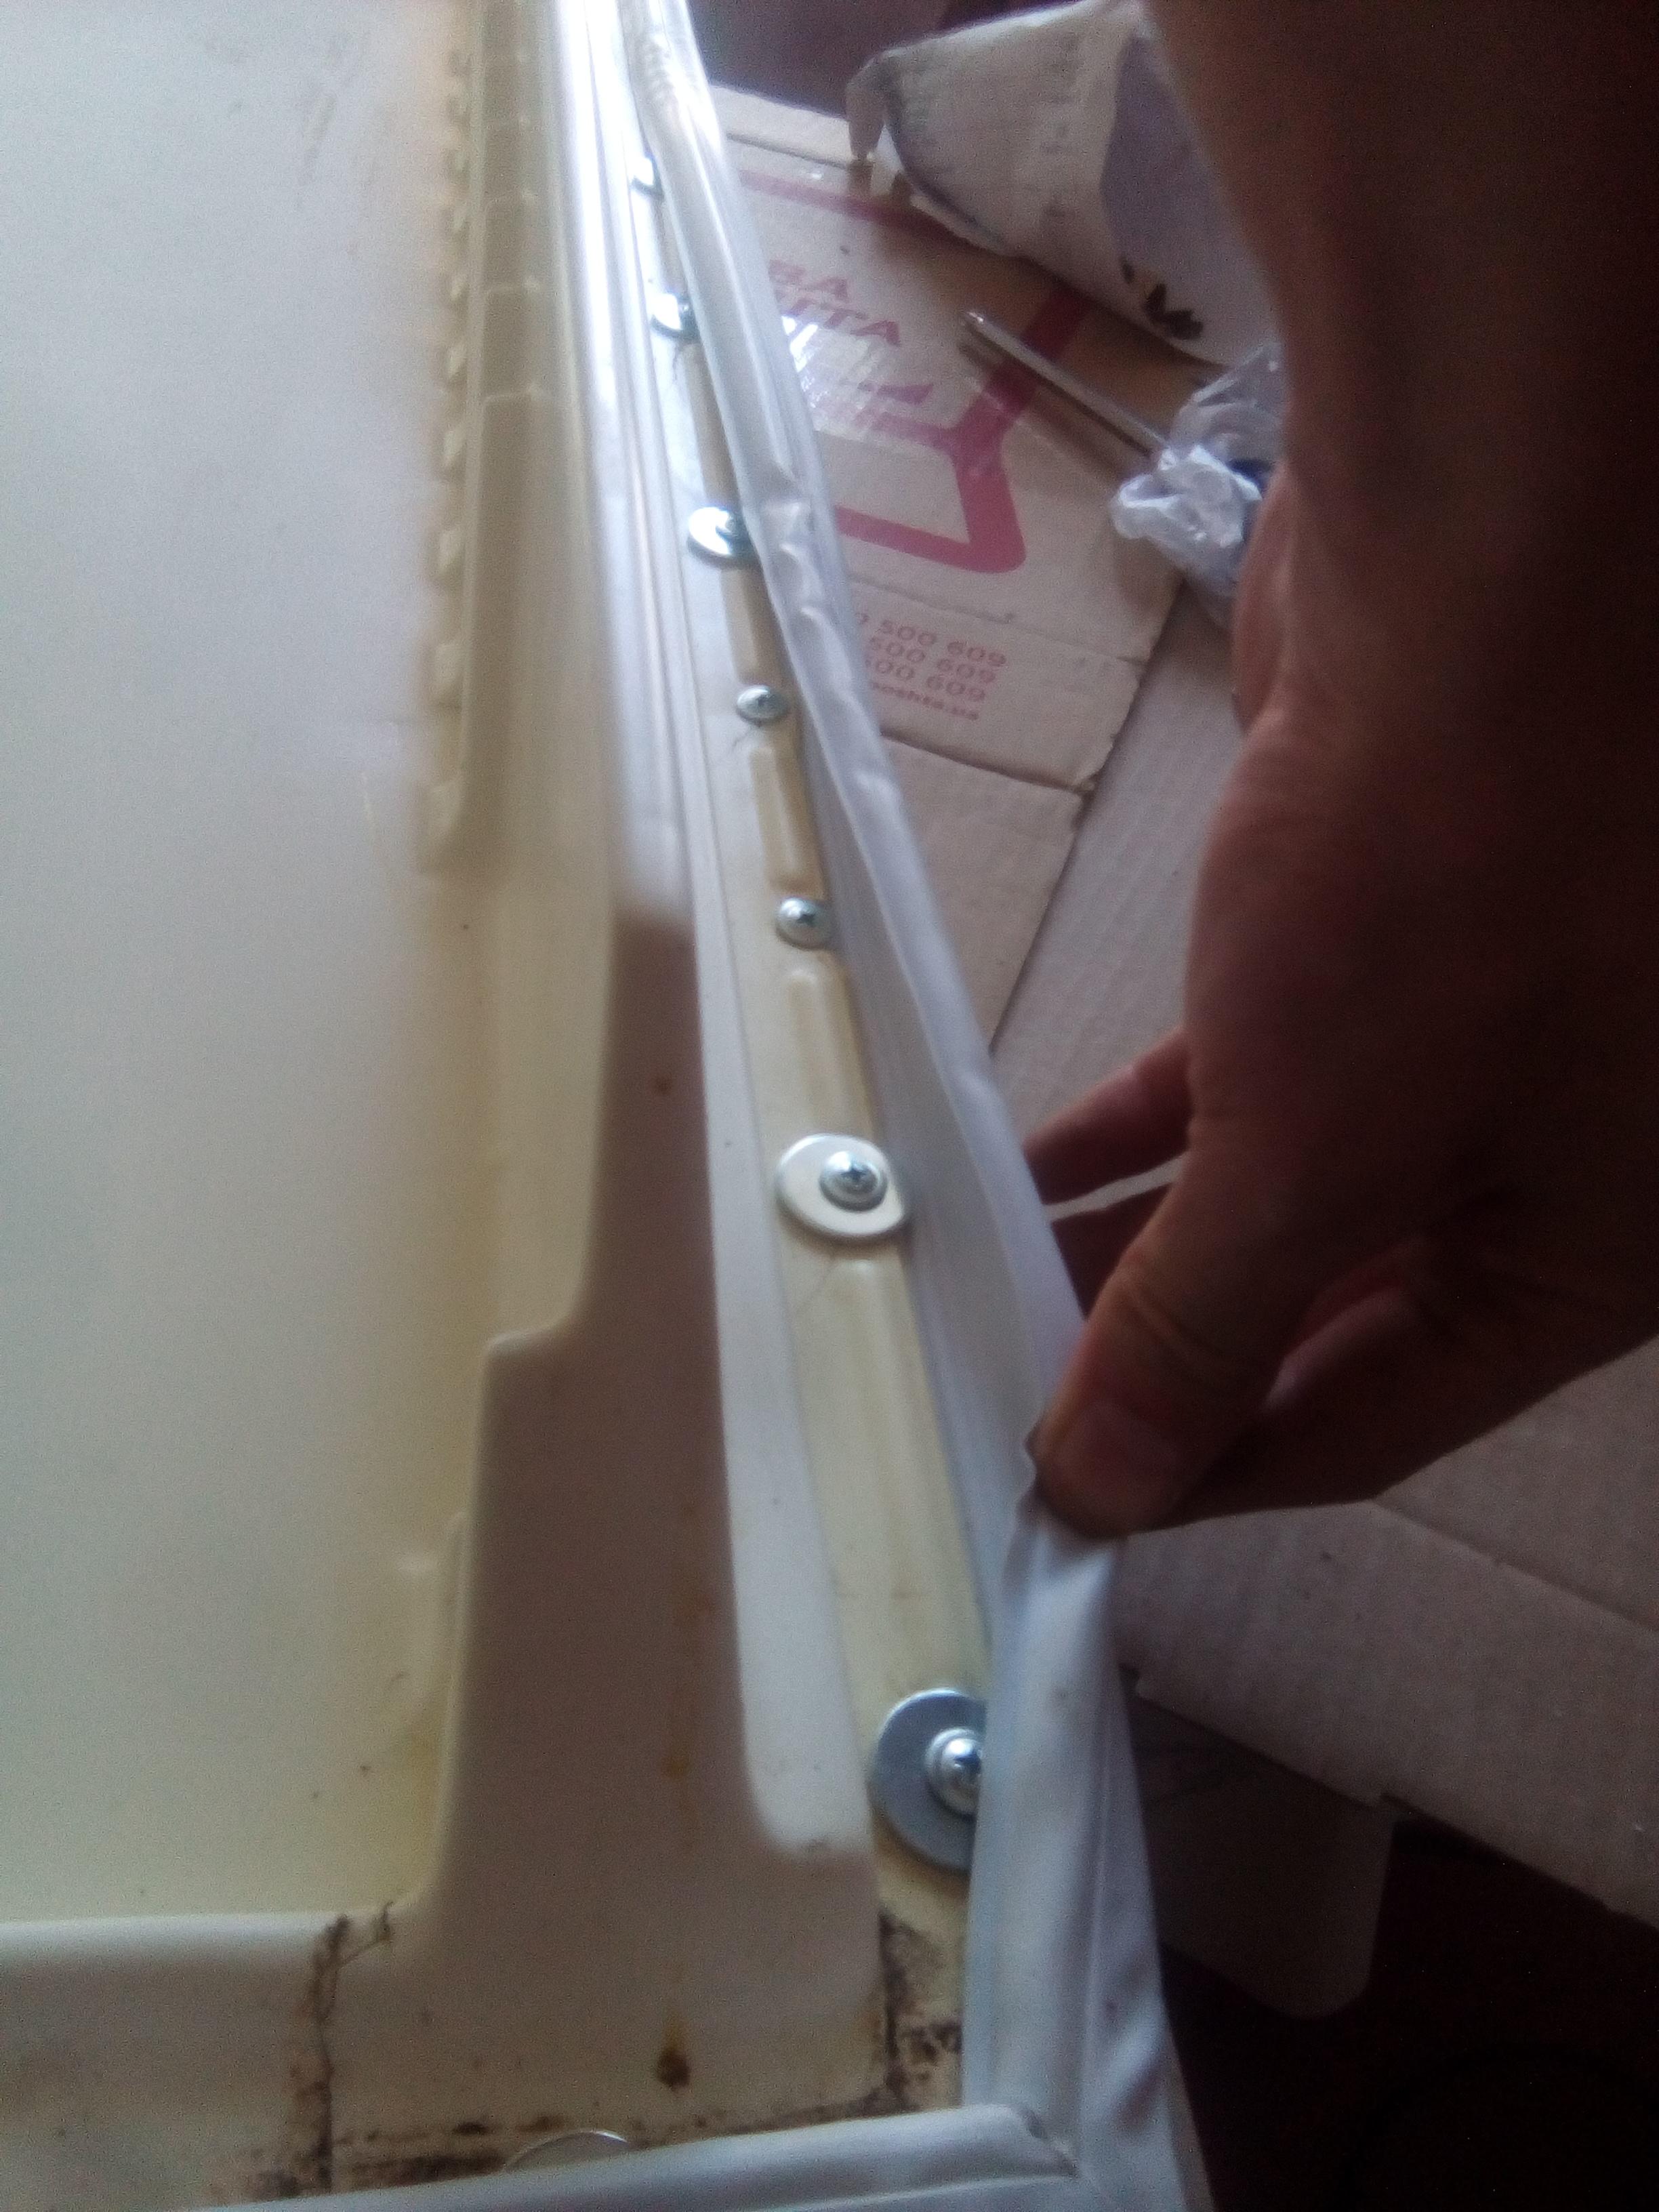 """Фото Холодильник """"Донбас"""". Замена уплотнителя в дверце холодильника. Закупка комплектующих, разборка, ремонт теплоизоляционного слоя, установка у4плотнителя. Время исполнения 4 часа."""